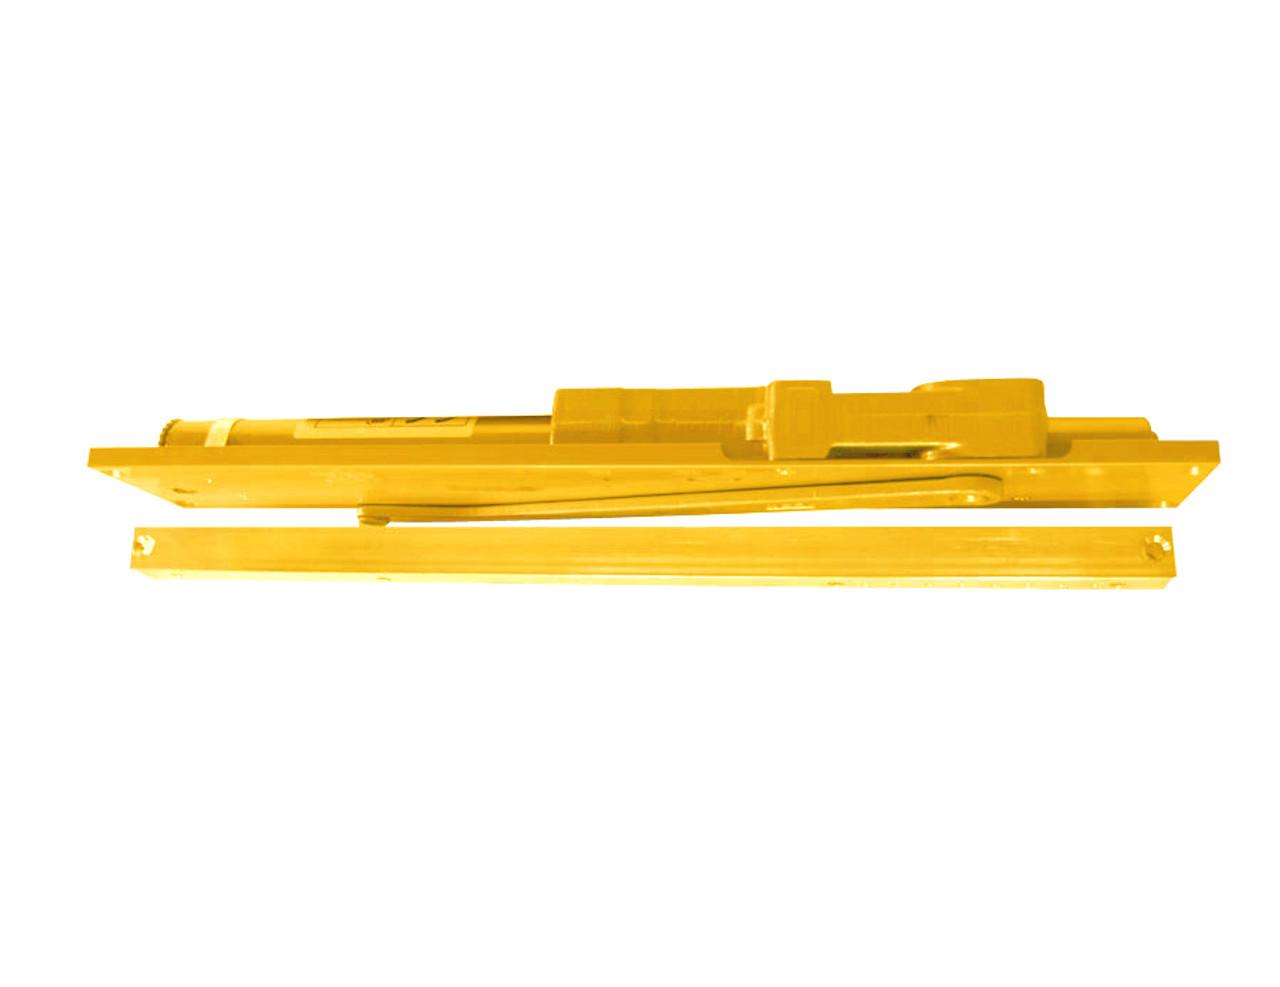 2035-STD-LH-BRASS LCN Door Closer with Standard Arm in Brass Finish